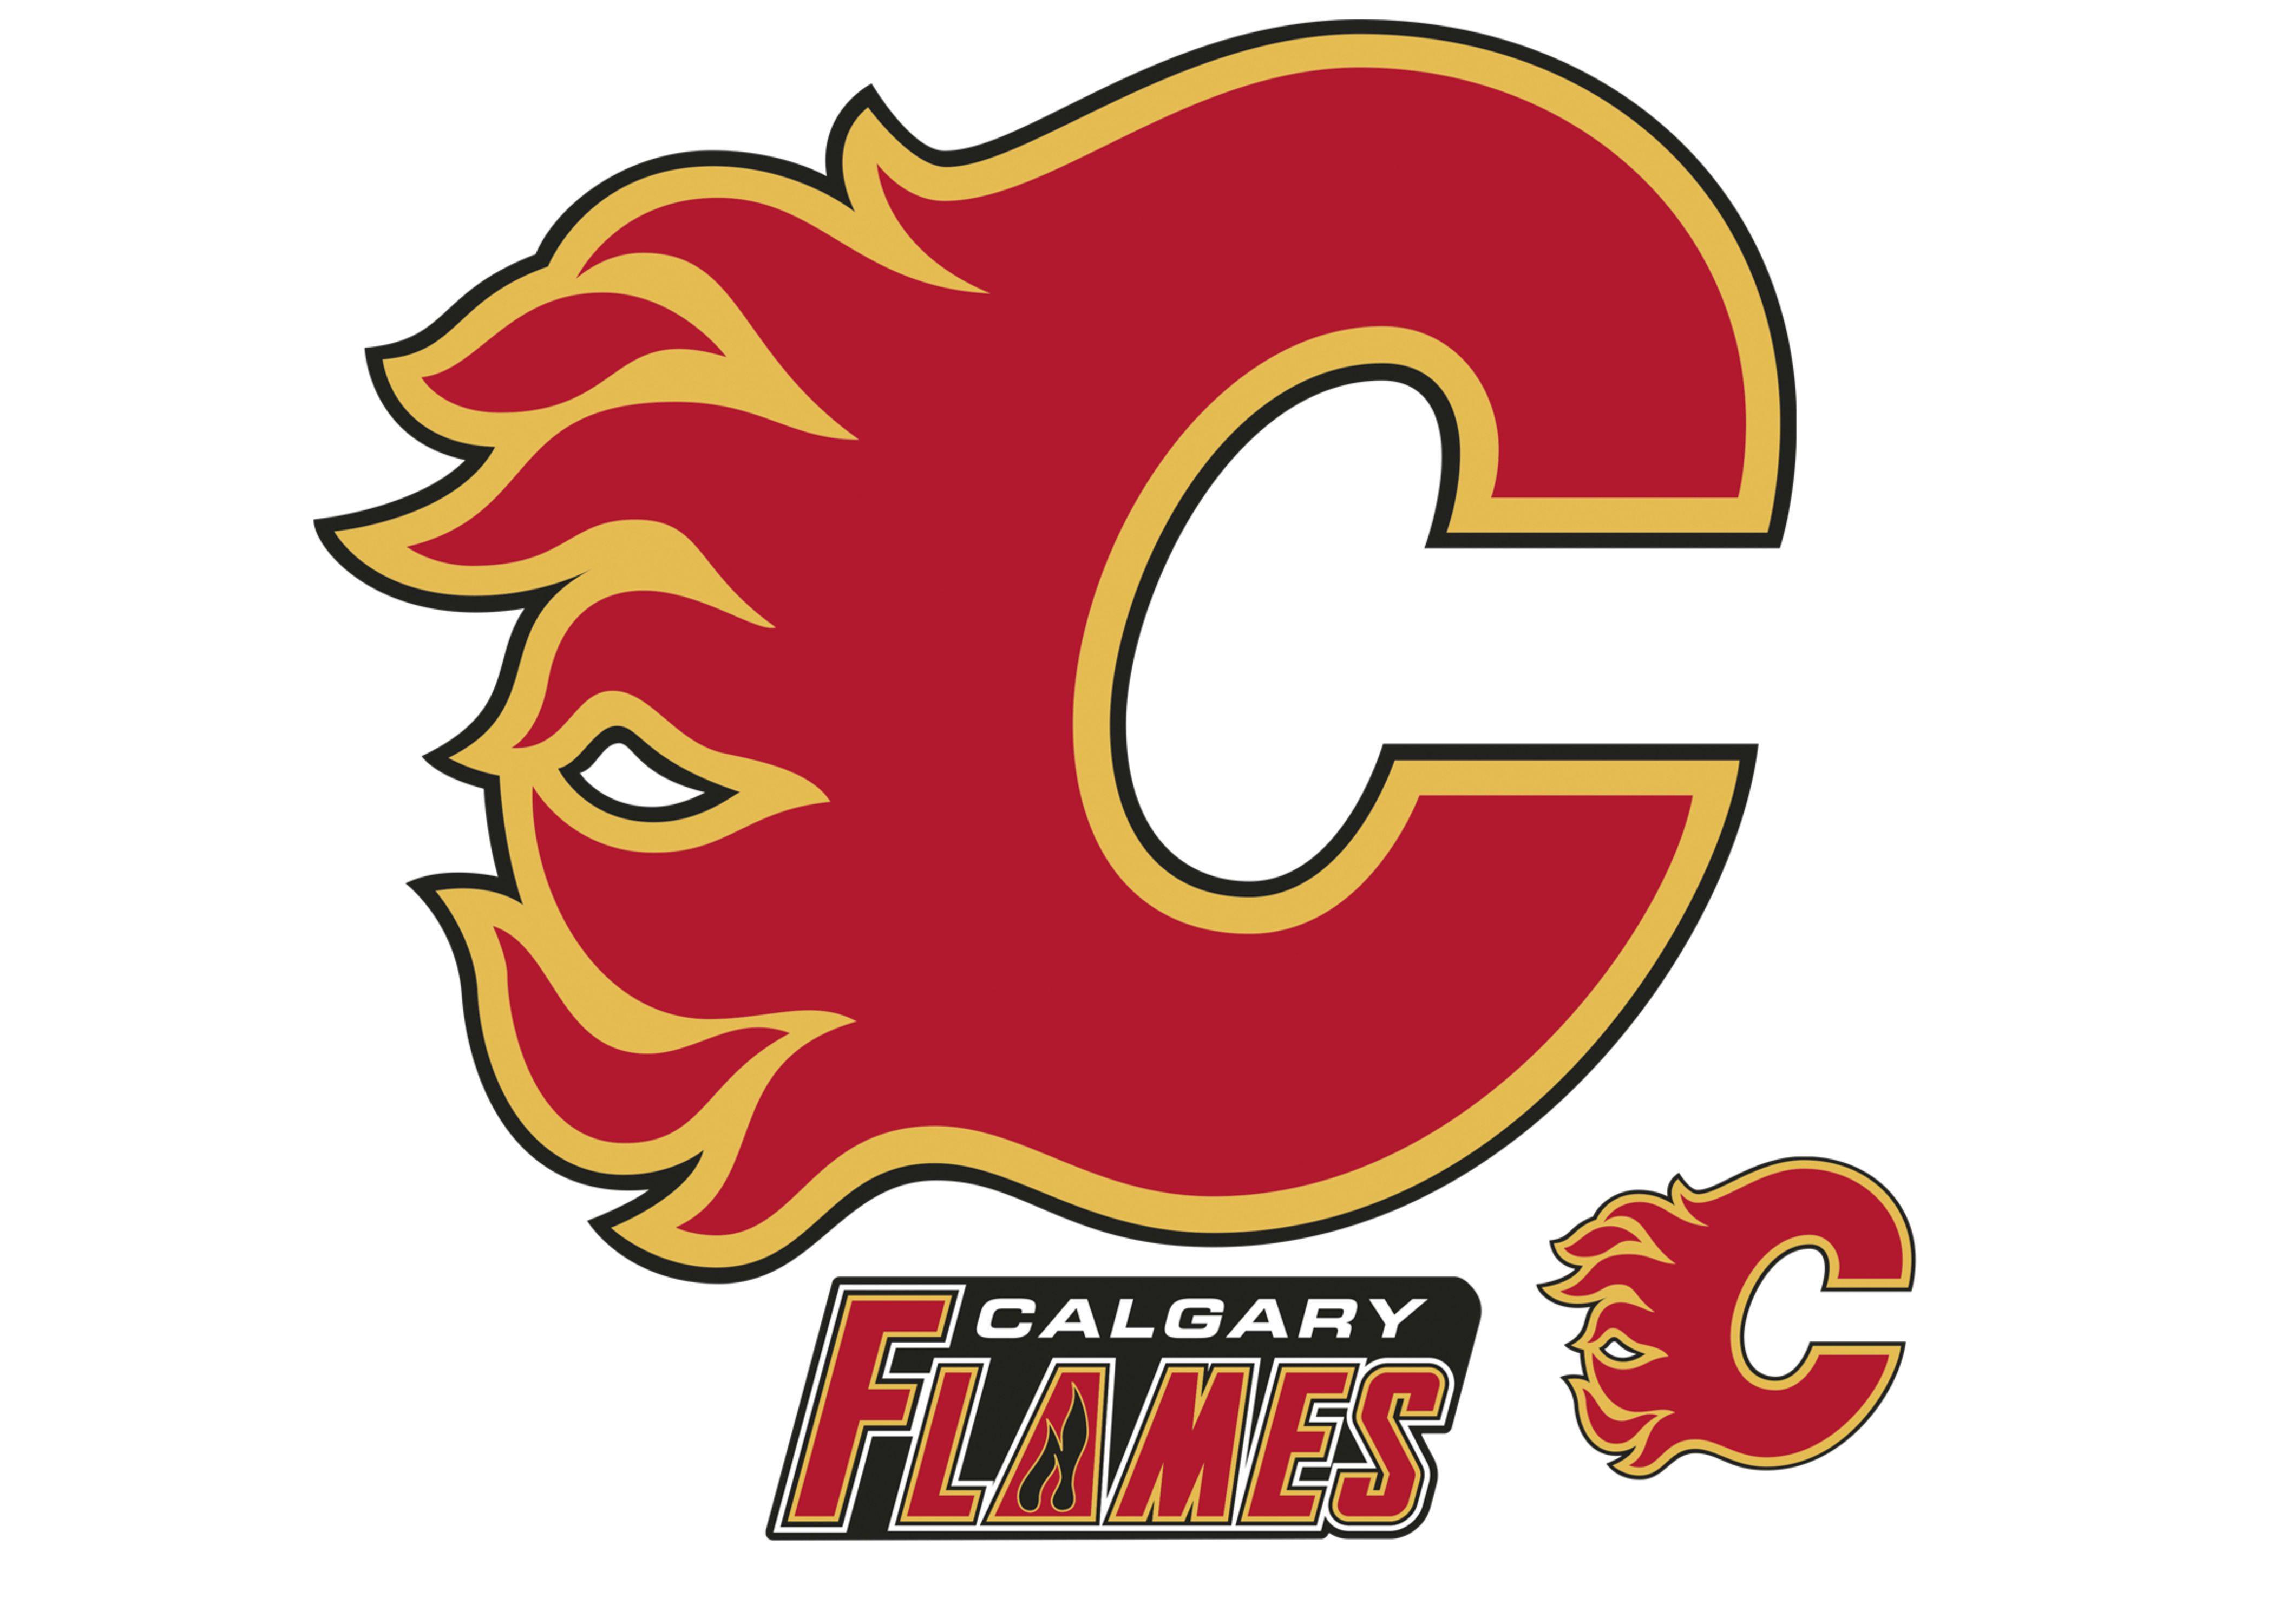 Printable Free Nhl Logo Calgary Flames Yahoo Image Search Results Nhl Logos Calgary Flames Calgary